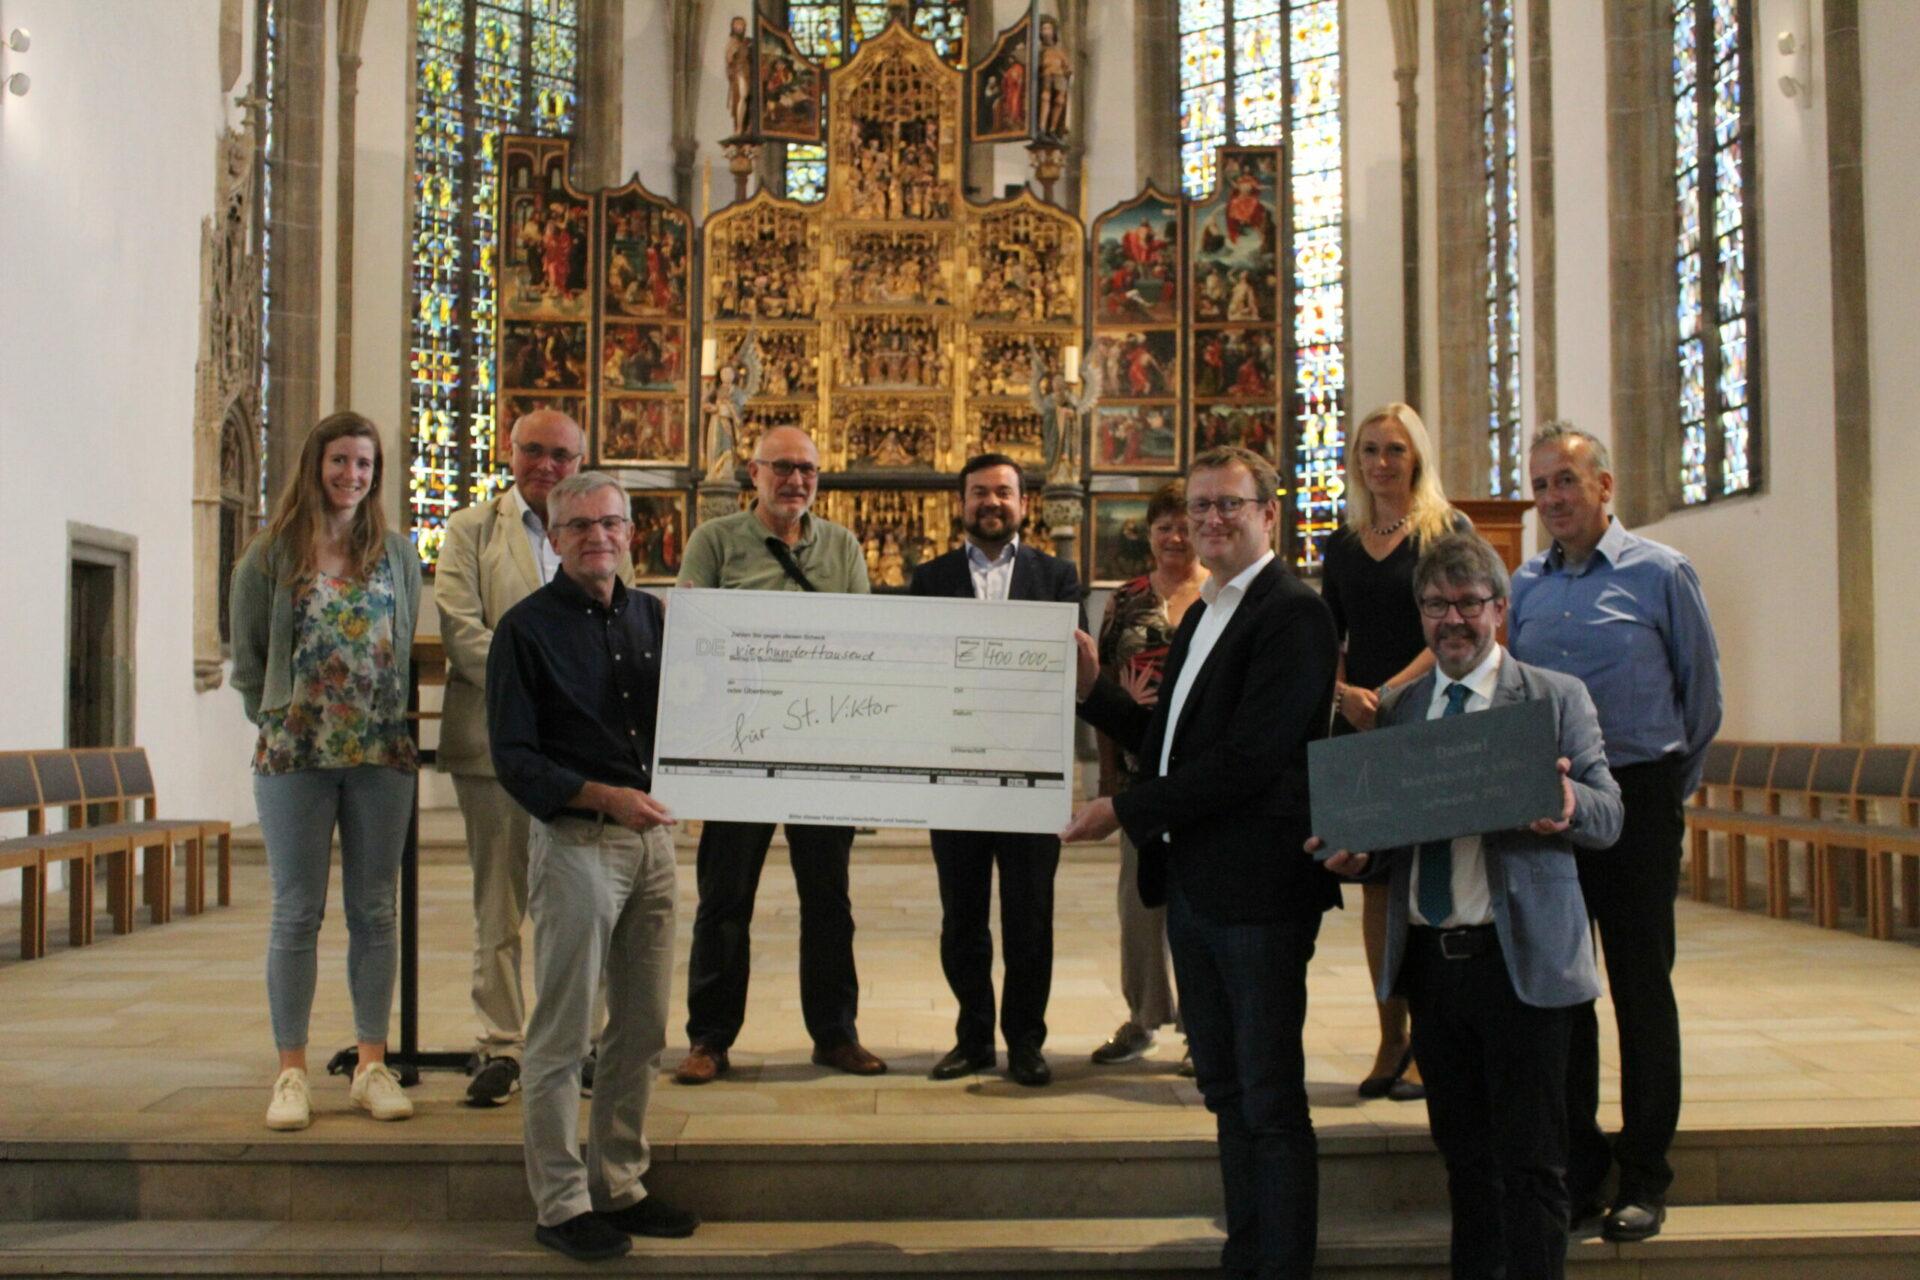 Dieser Scheck rettet die St. Viktor-Kirche in Schwerte